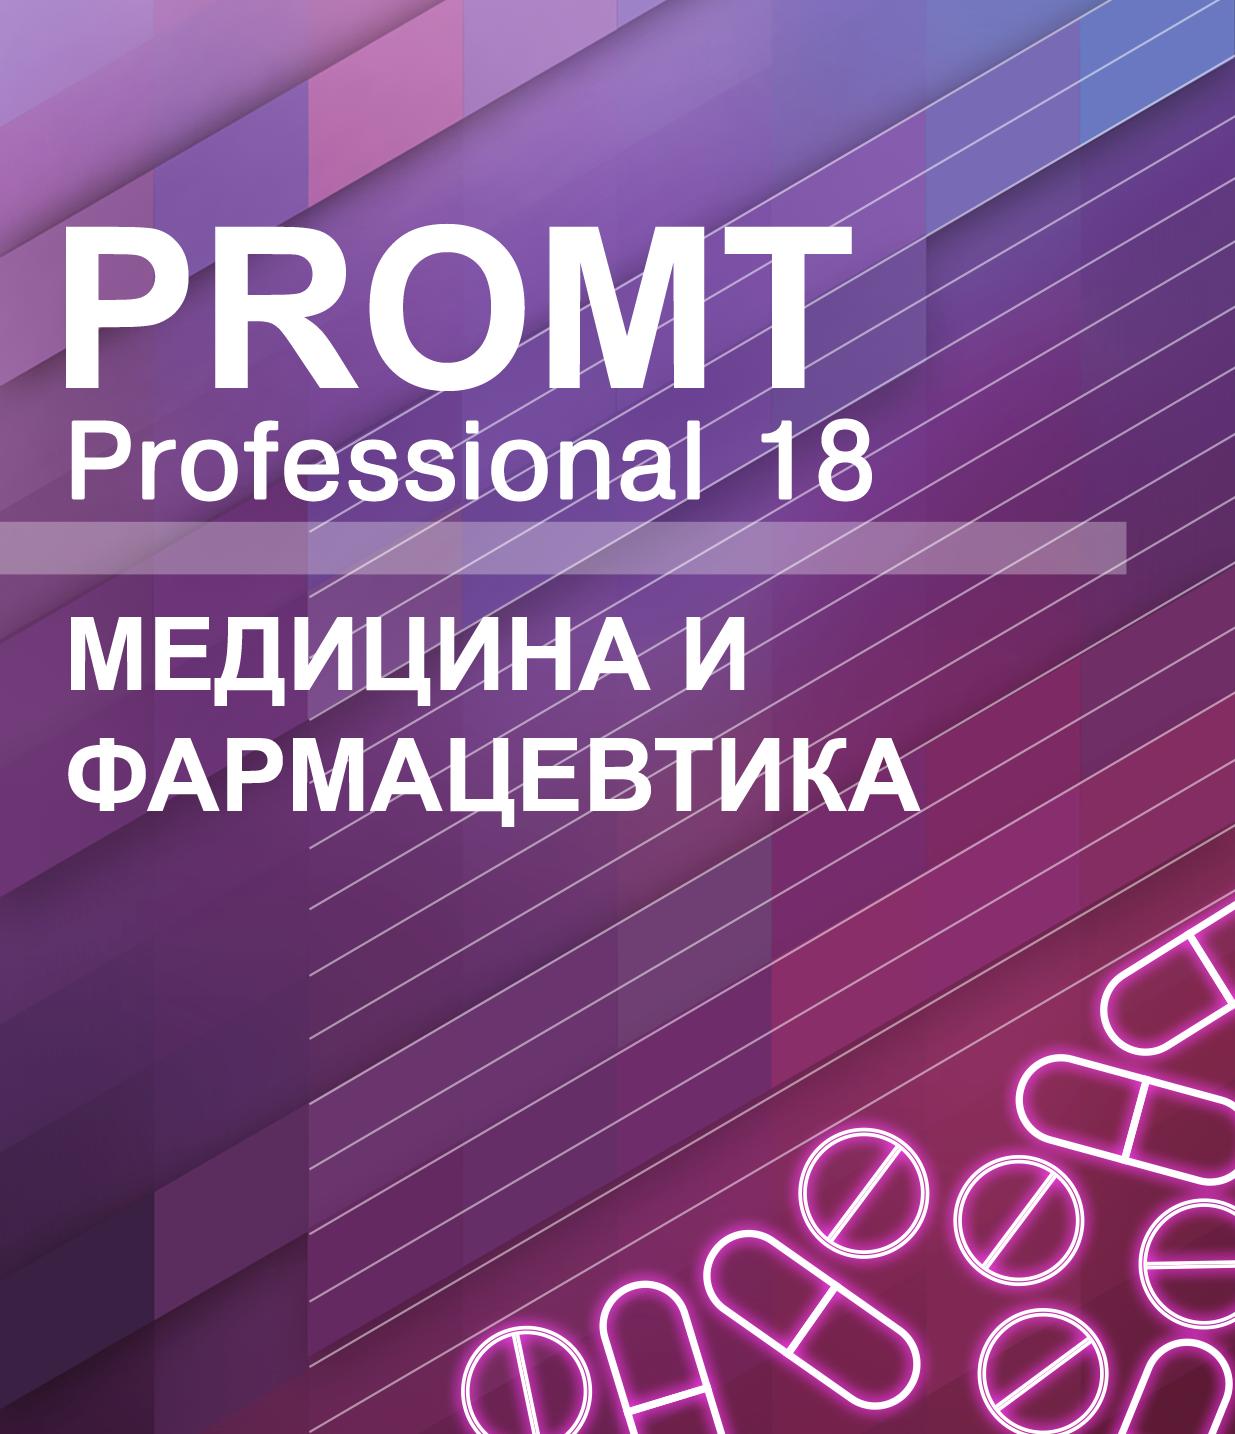 PROMT Professional 18 Медицина и Фармацевтика